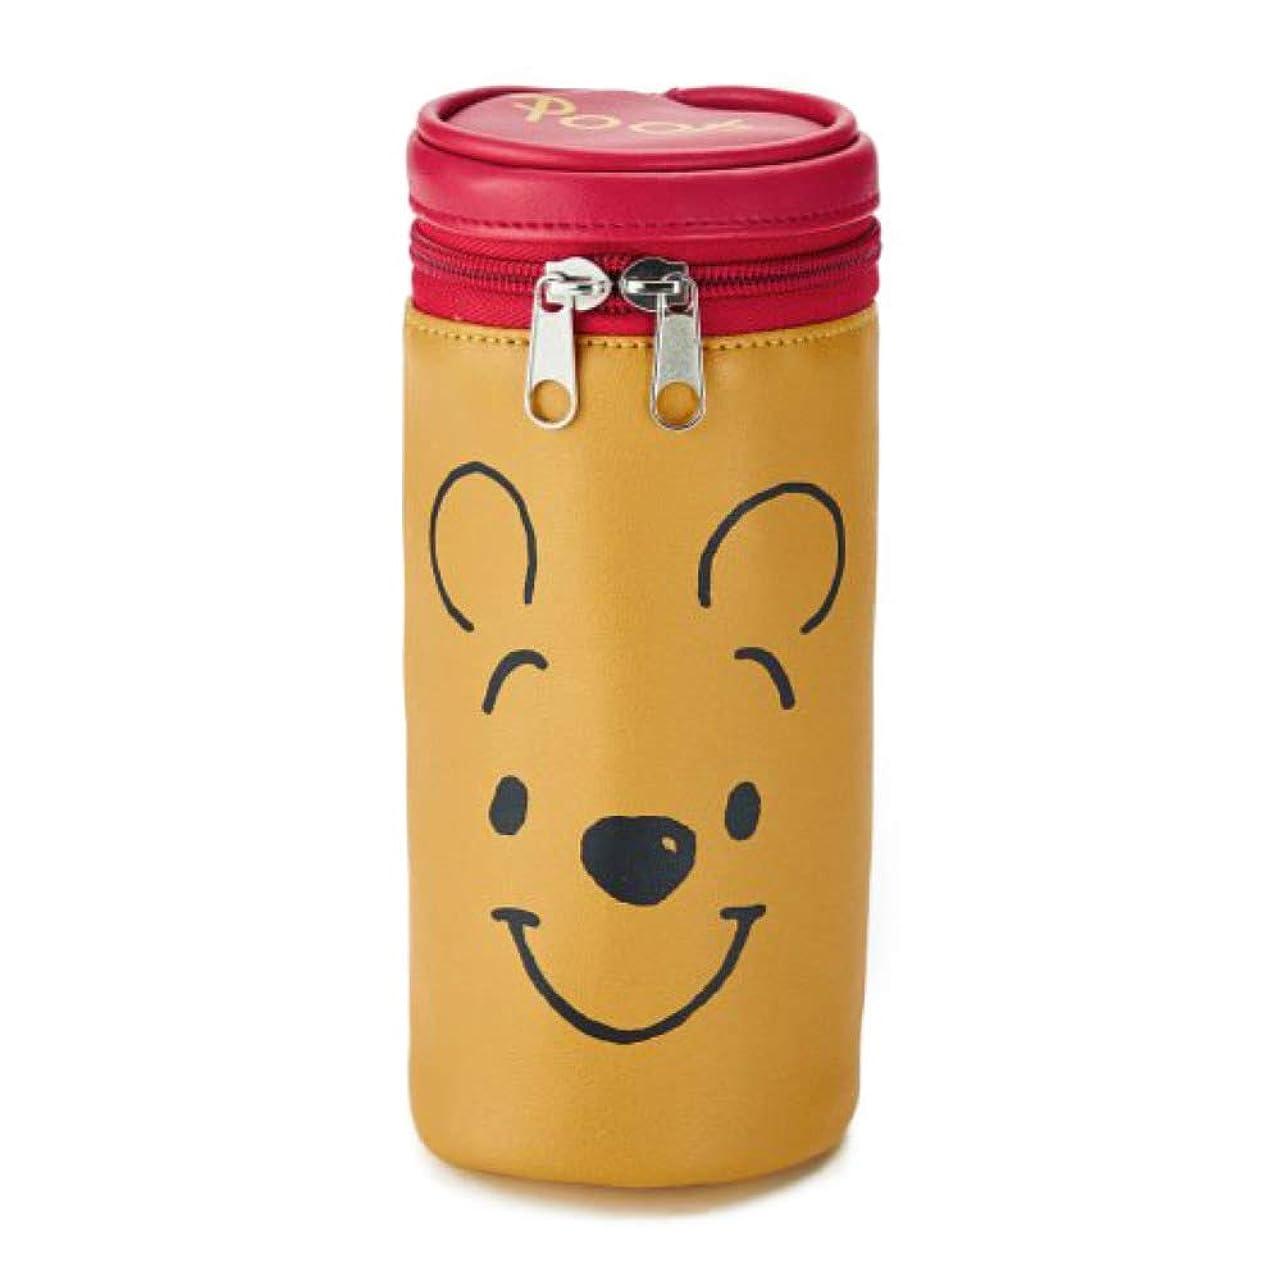 アミューズメント開発する和[ベルメゾン]ディズニー ポーチ 小物入れ 筒型マルチポーチ カラー くまのプーさん(イエロー)